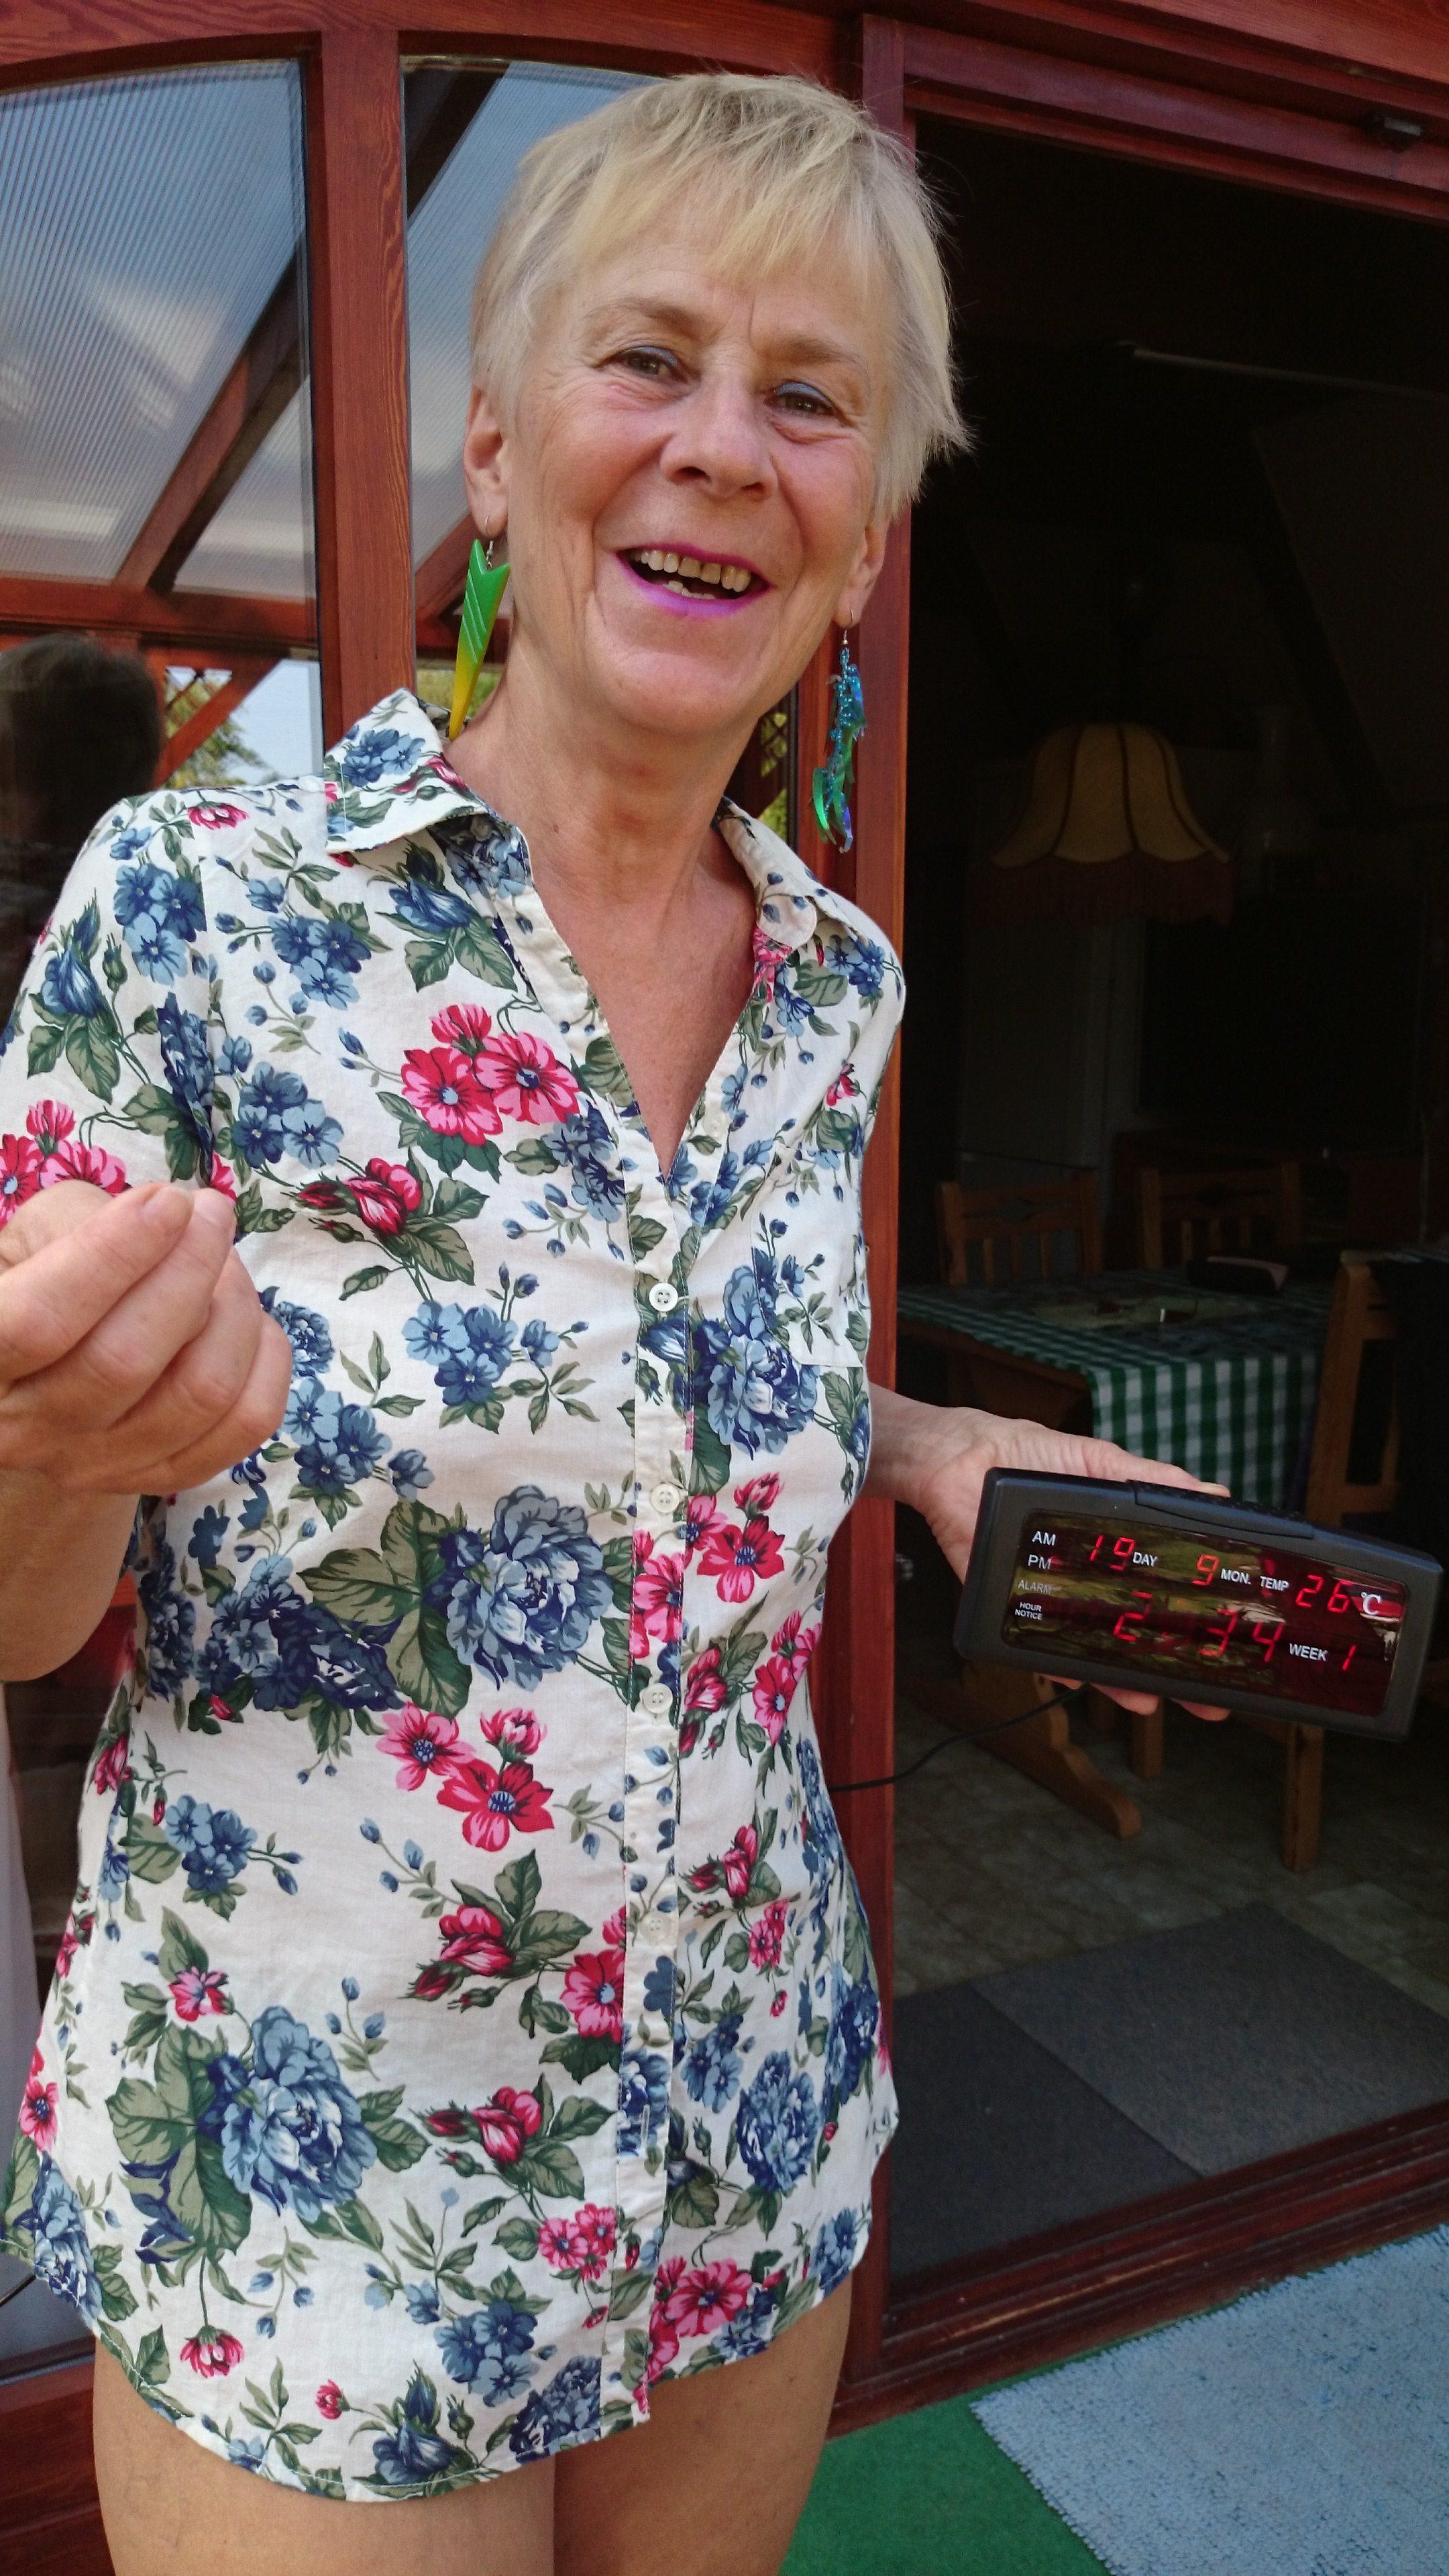 Simonék félrebeszélnek (71.) Happy birthday to you!